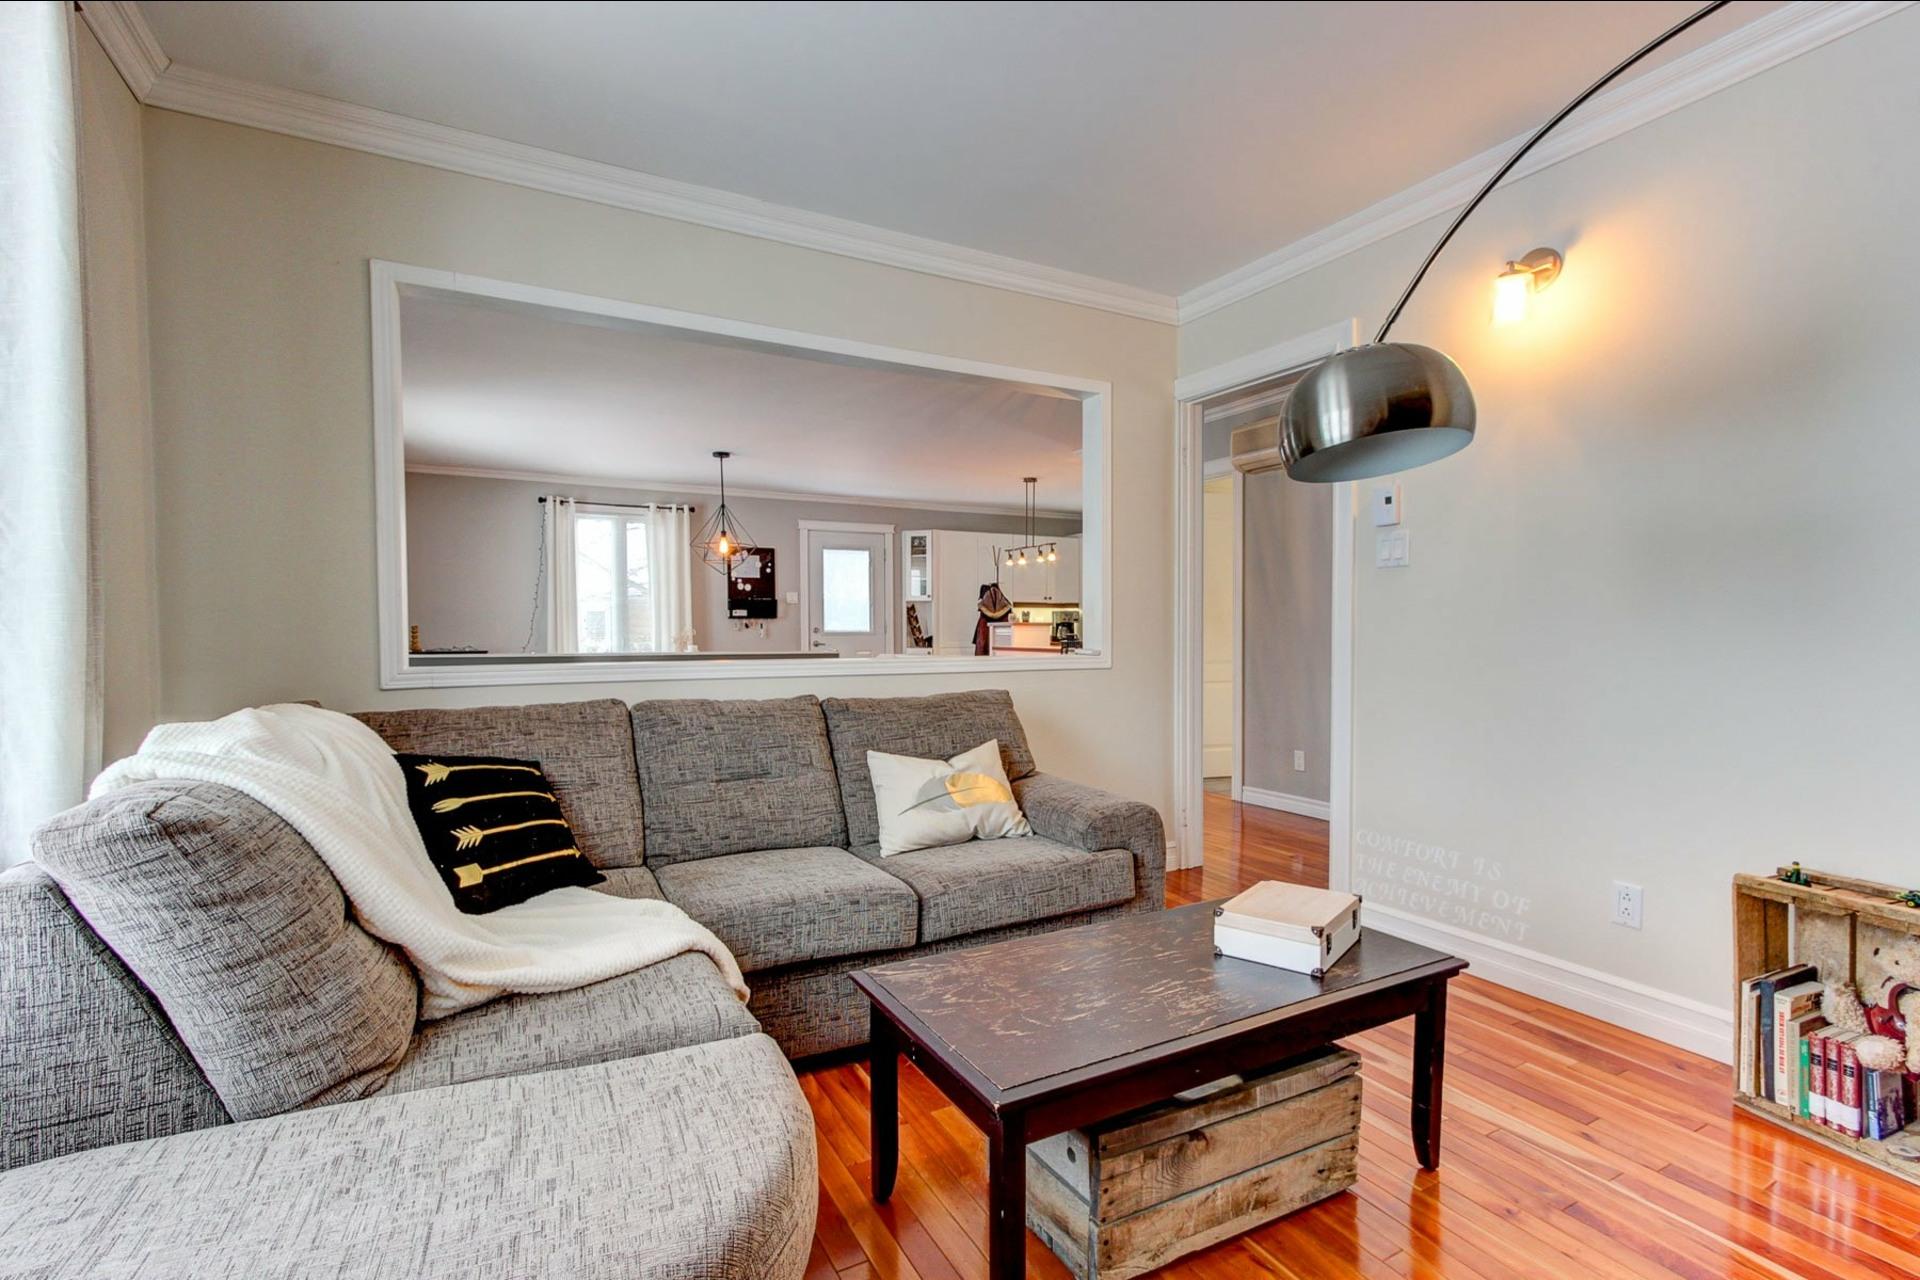 image 10 - Maison À vendre Trois-Rivières - 9 pièces